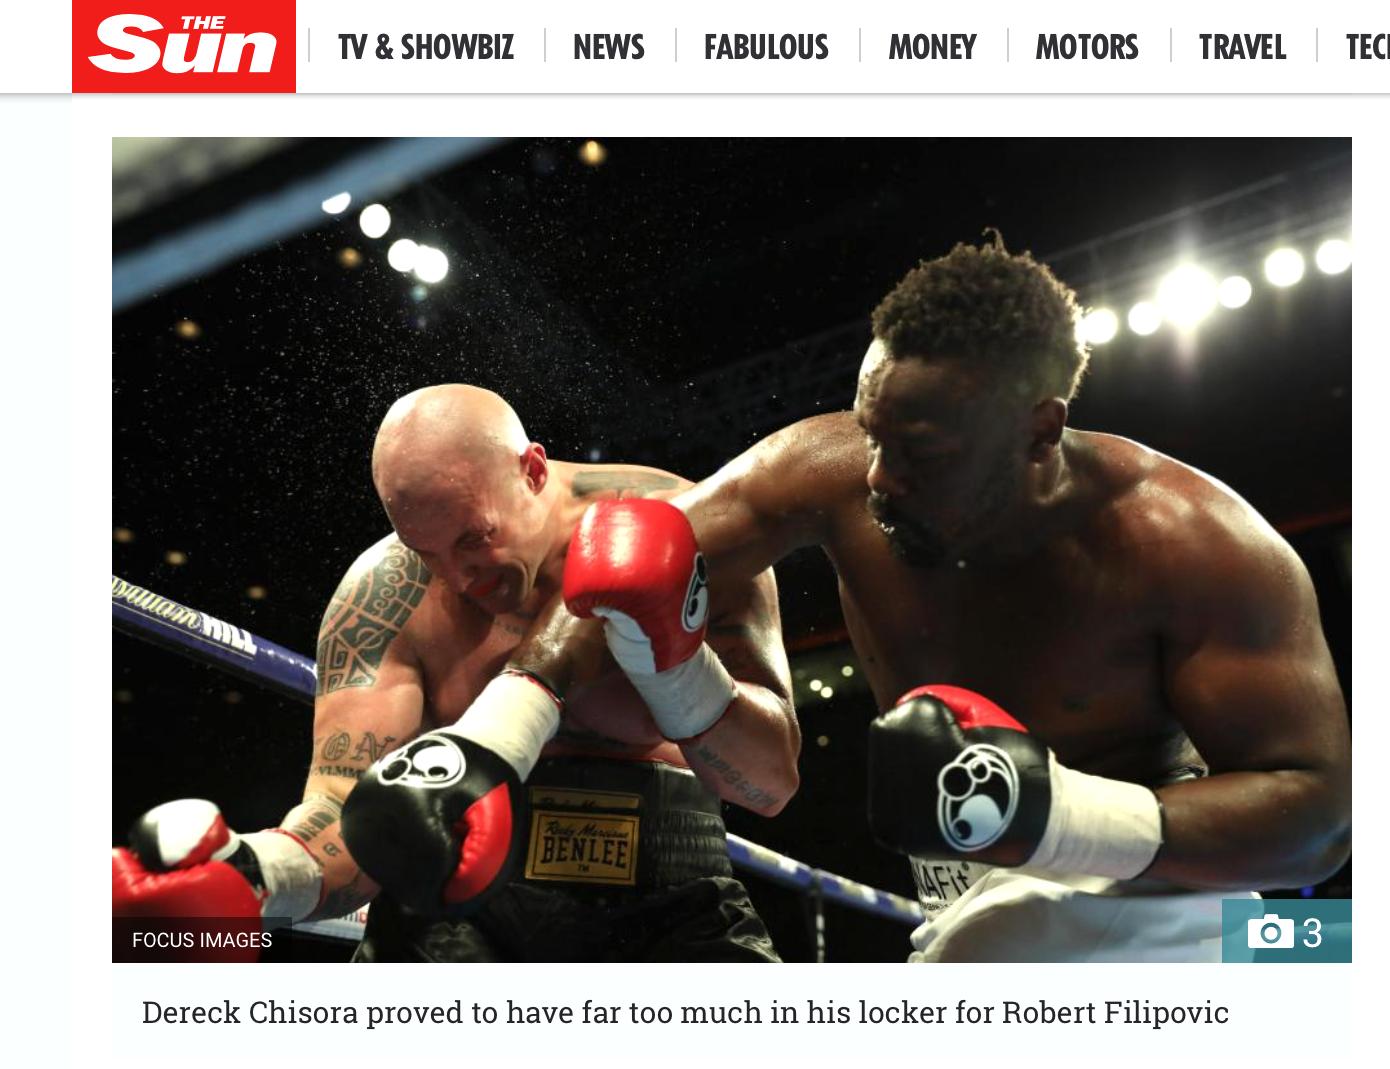 The Sun Online - Dereck Chisora v Robert FilipovicBattle of The Mersey - Matchroom BoxingWorking for Focus Images Ltd